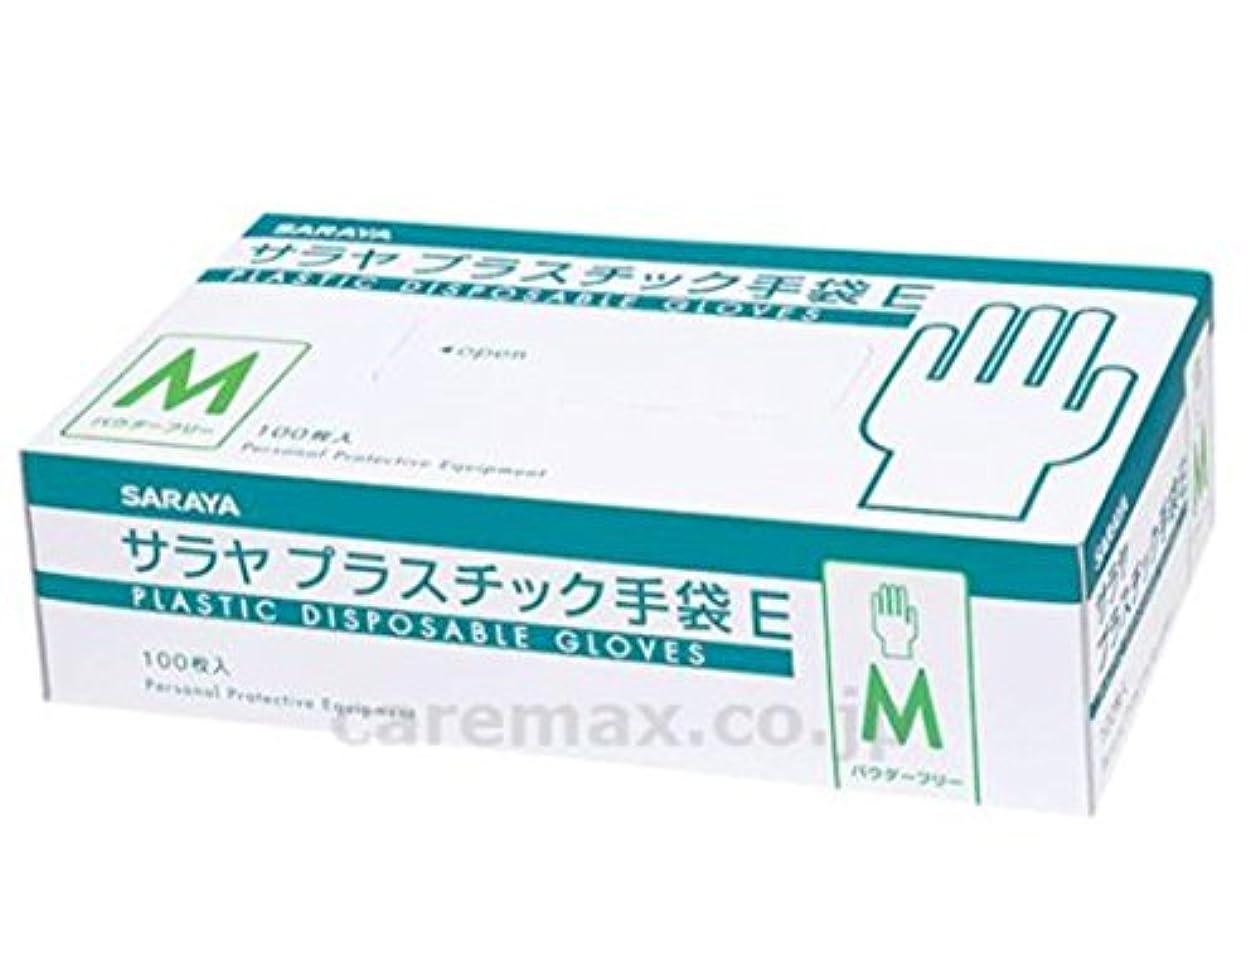 ユーザー静める金属プラスチック手袋E 粉なし 100枚 / 53515 M 小箱